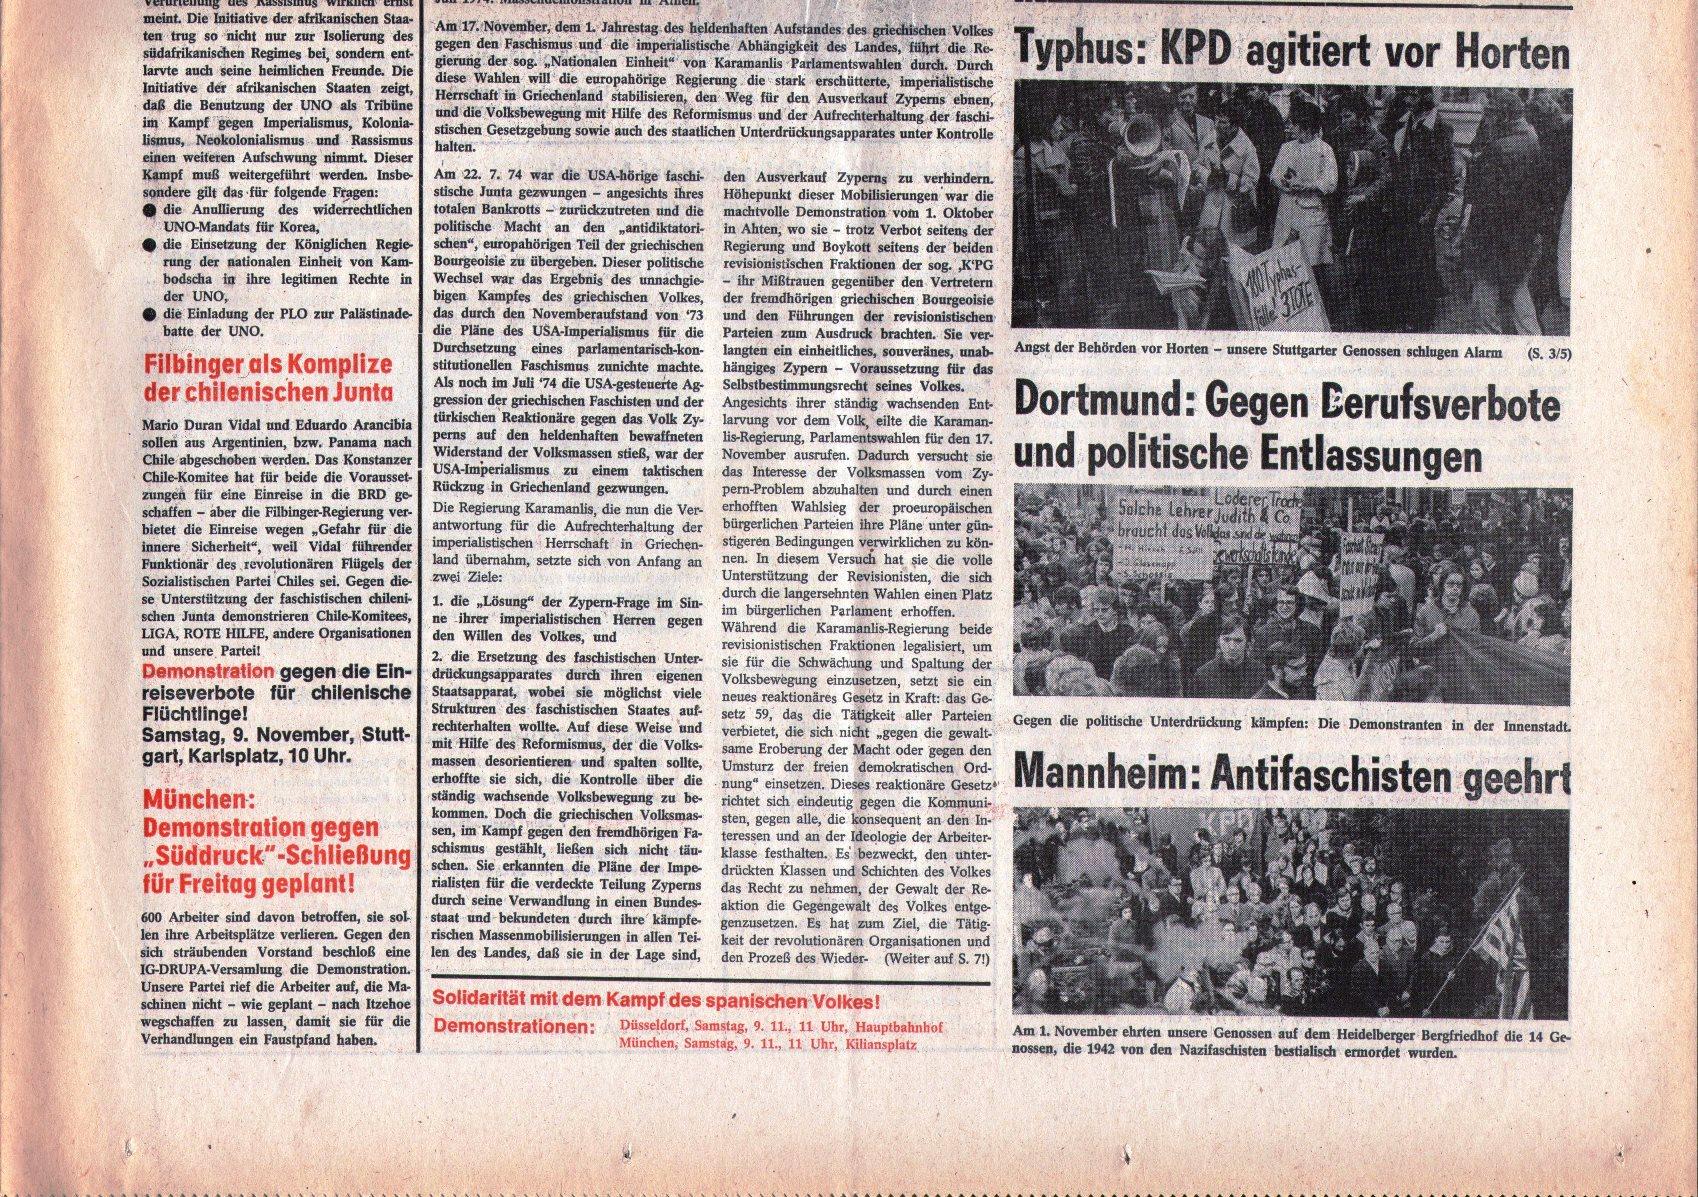 KPD_Rote_Fahne_1974_45_02